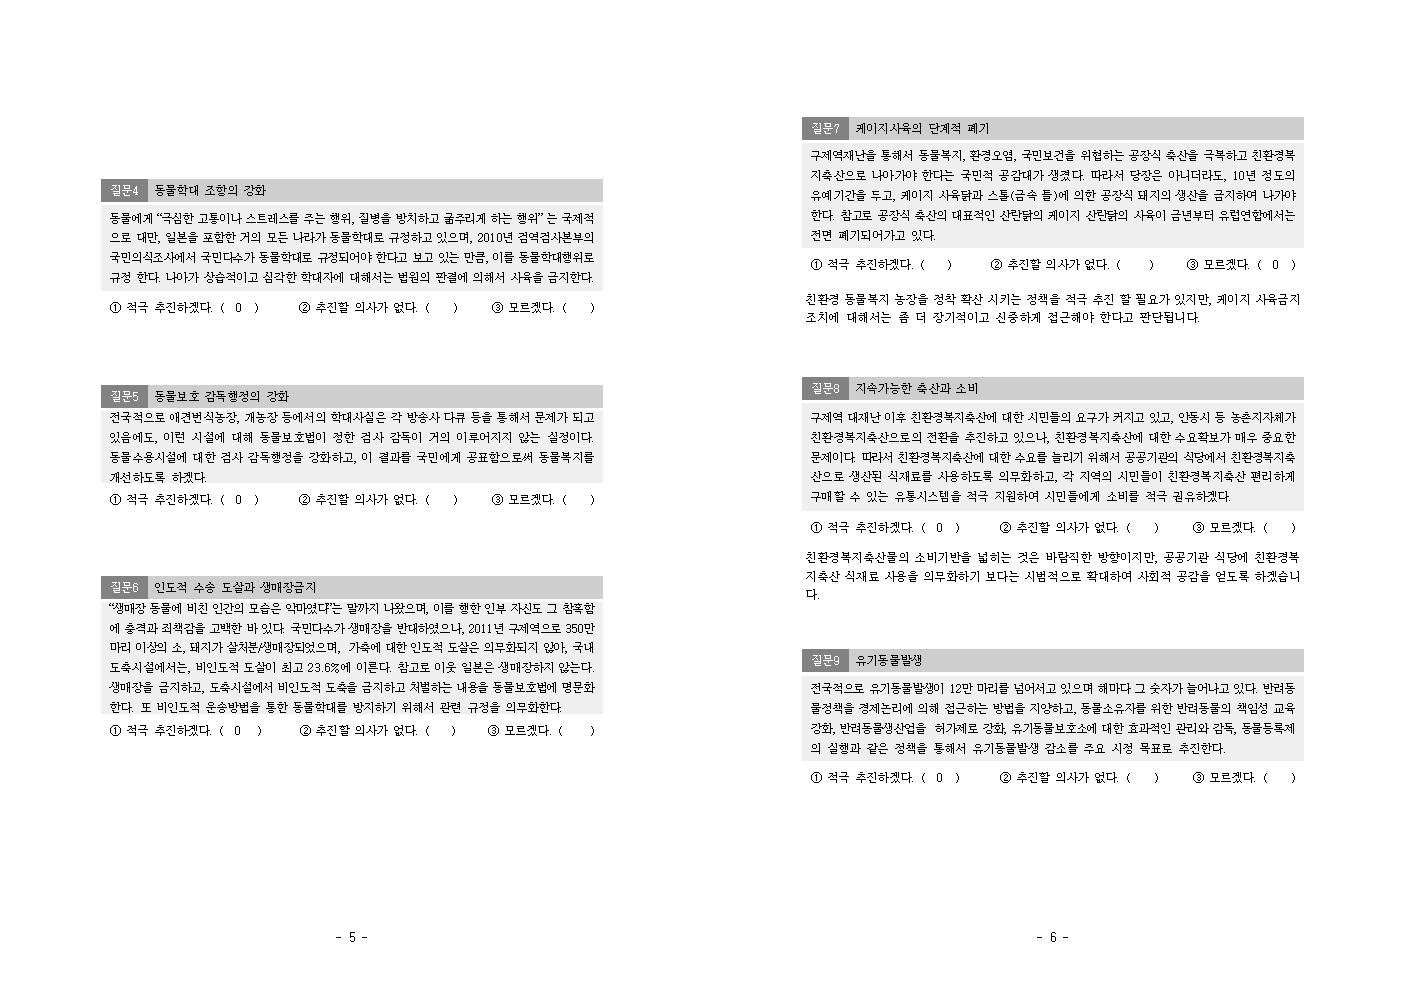 박근혜_동물정책 질의서(회신)003.jpg